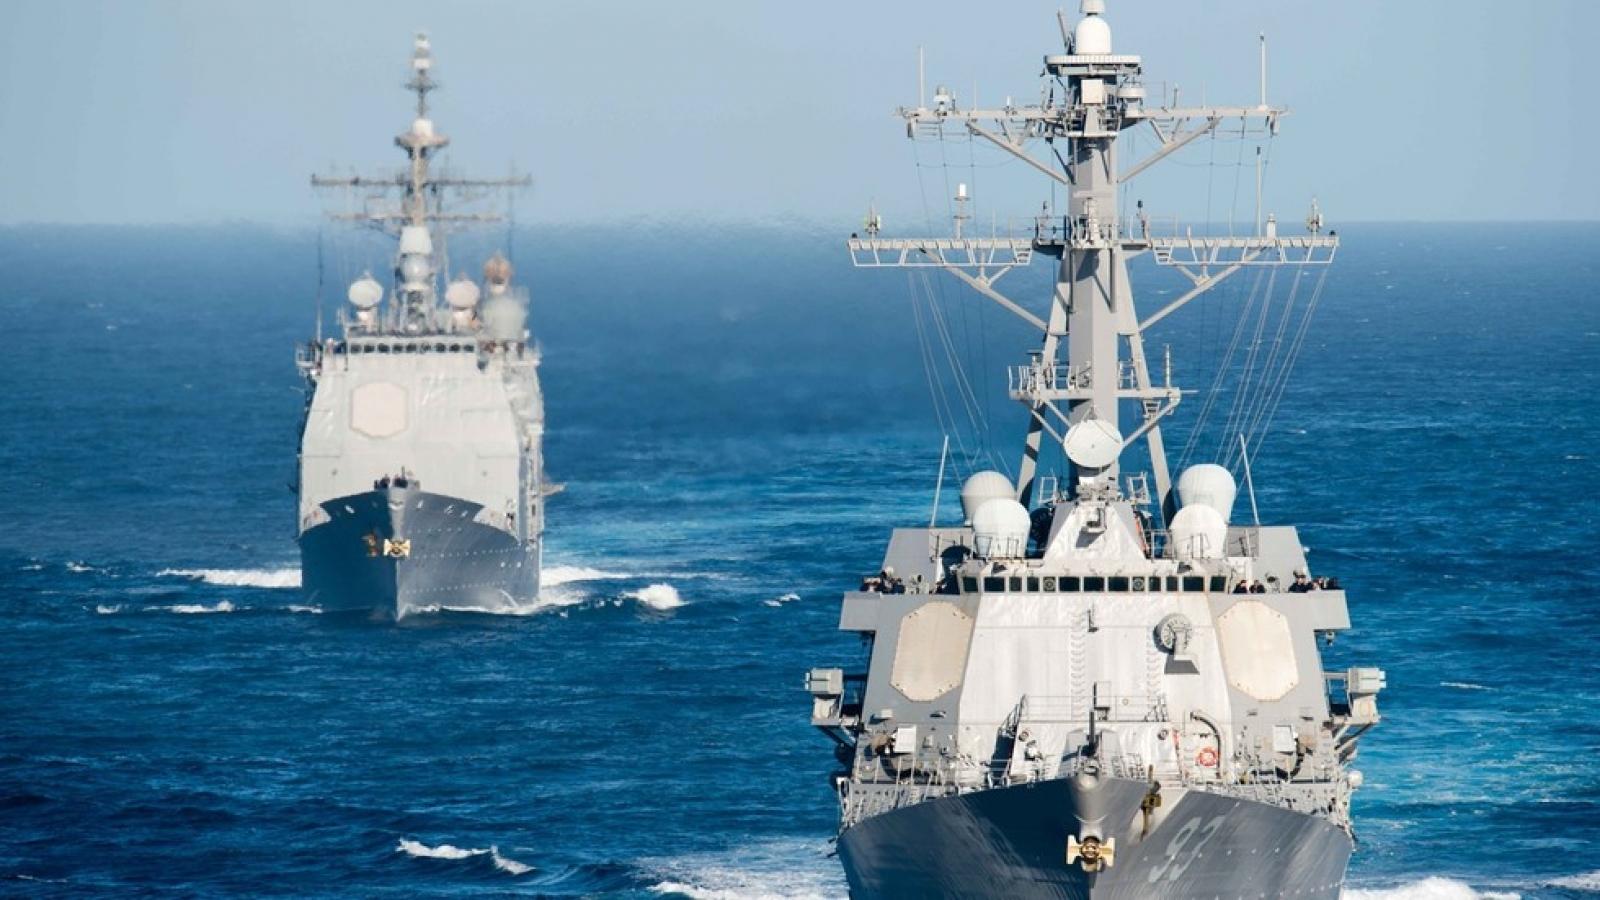 """Nga tố Mỹ """"khiêu khích"""", đặt câu hỏi về sự hiện diện của nước này ở Biển Đen"""